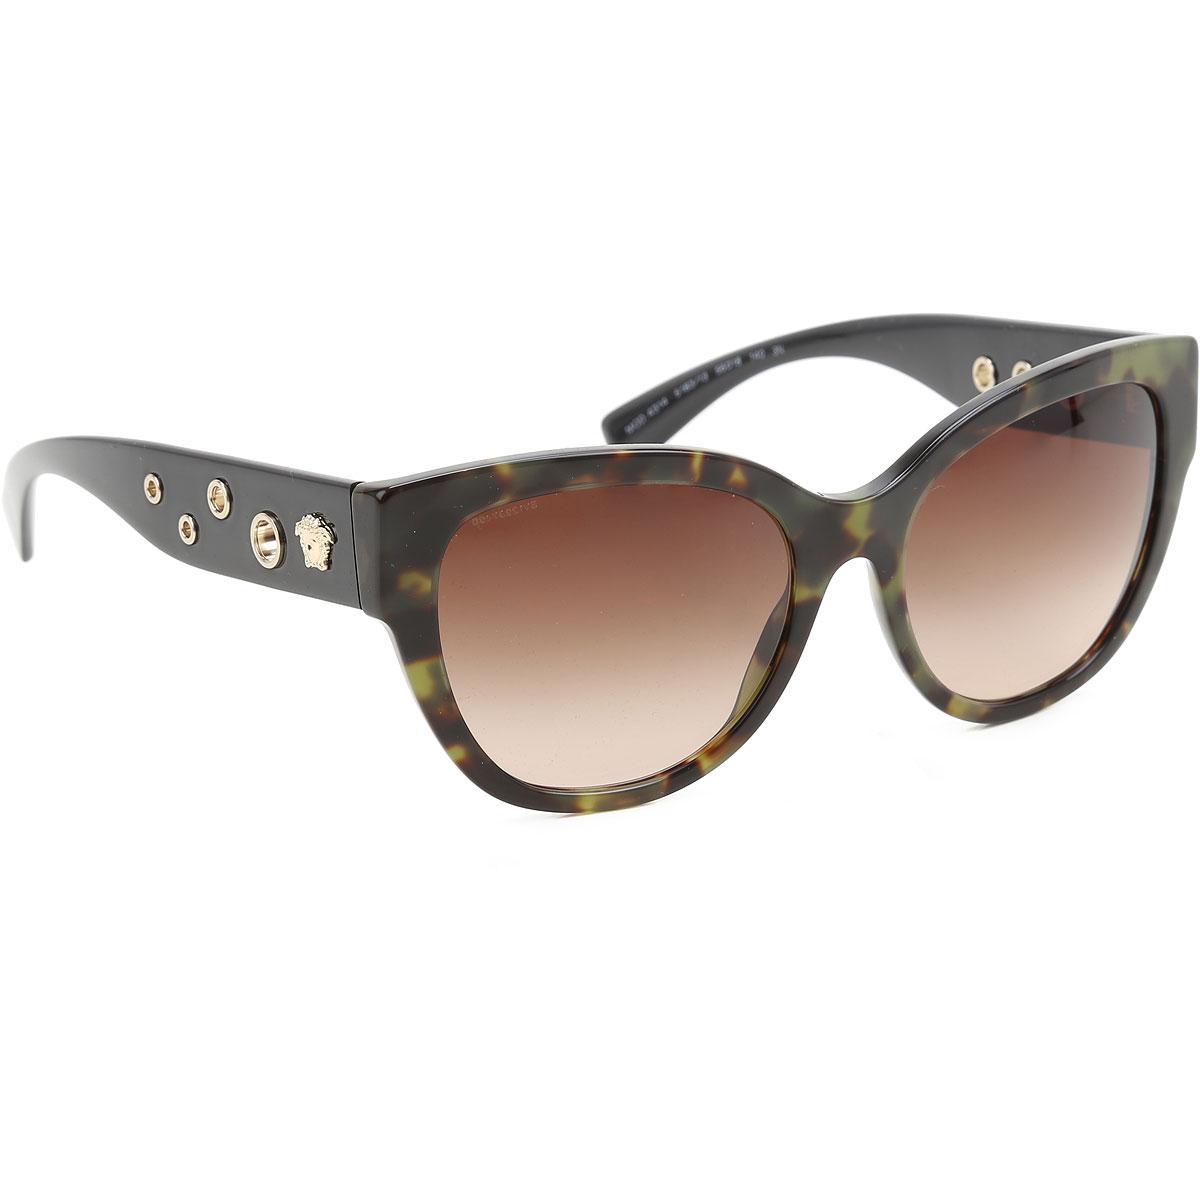 2ef6e1c9aa Gafas y Lentes de Sol Baratos en Rebajas Versace - Lyst